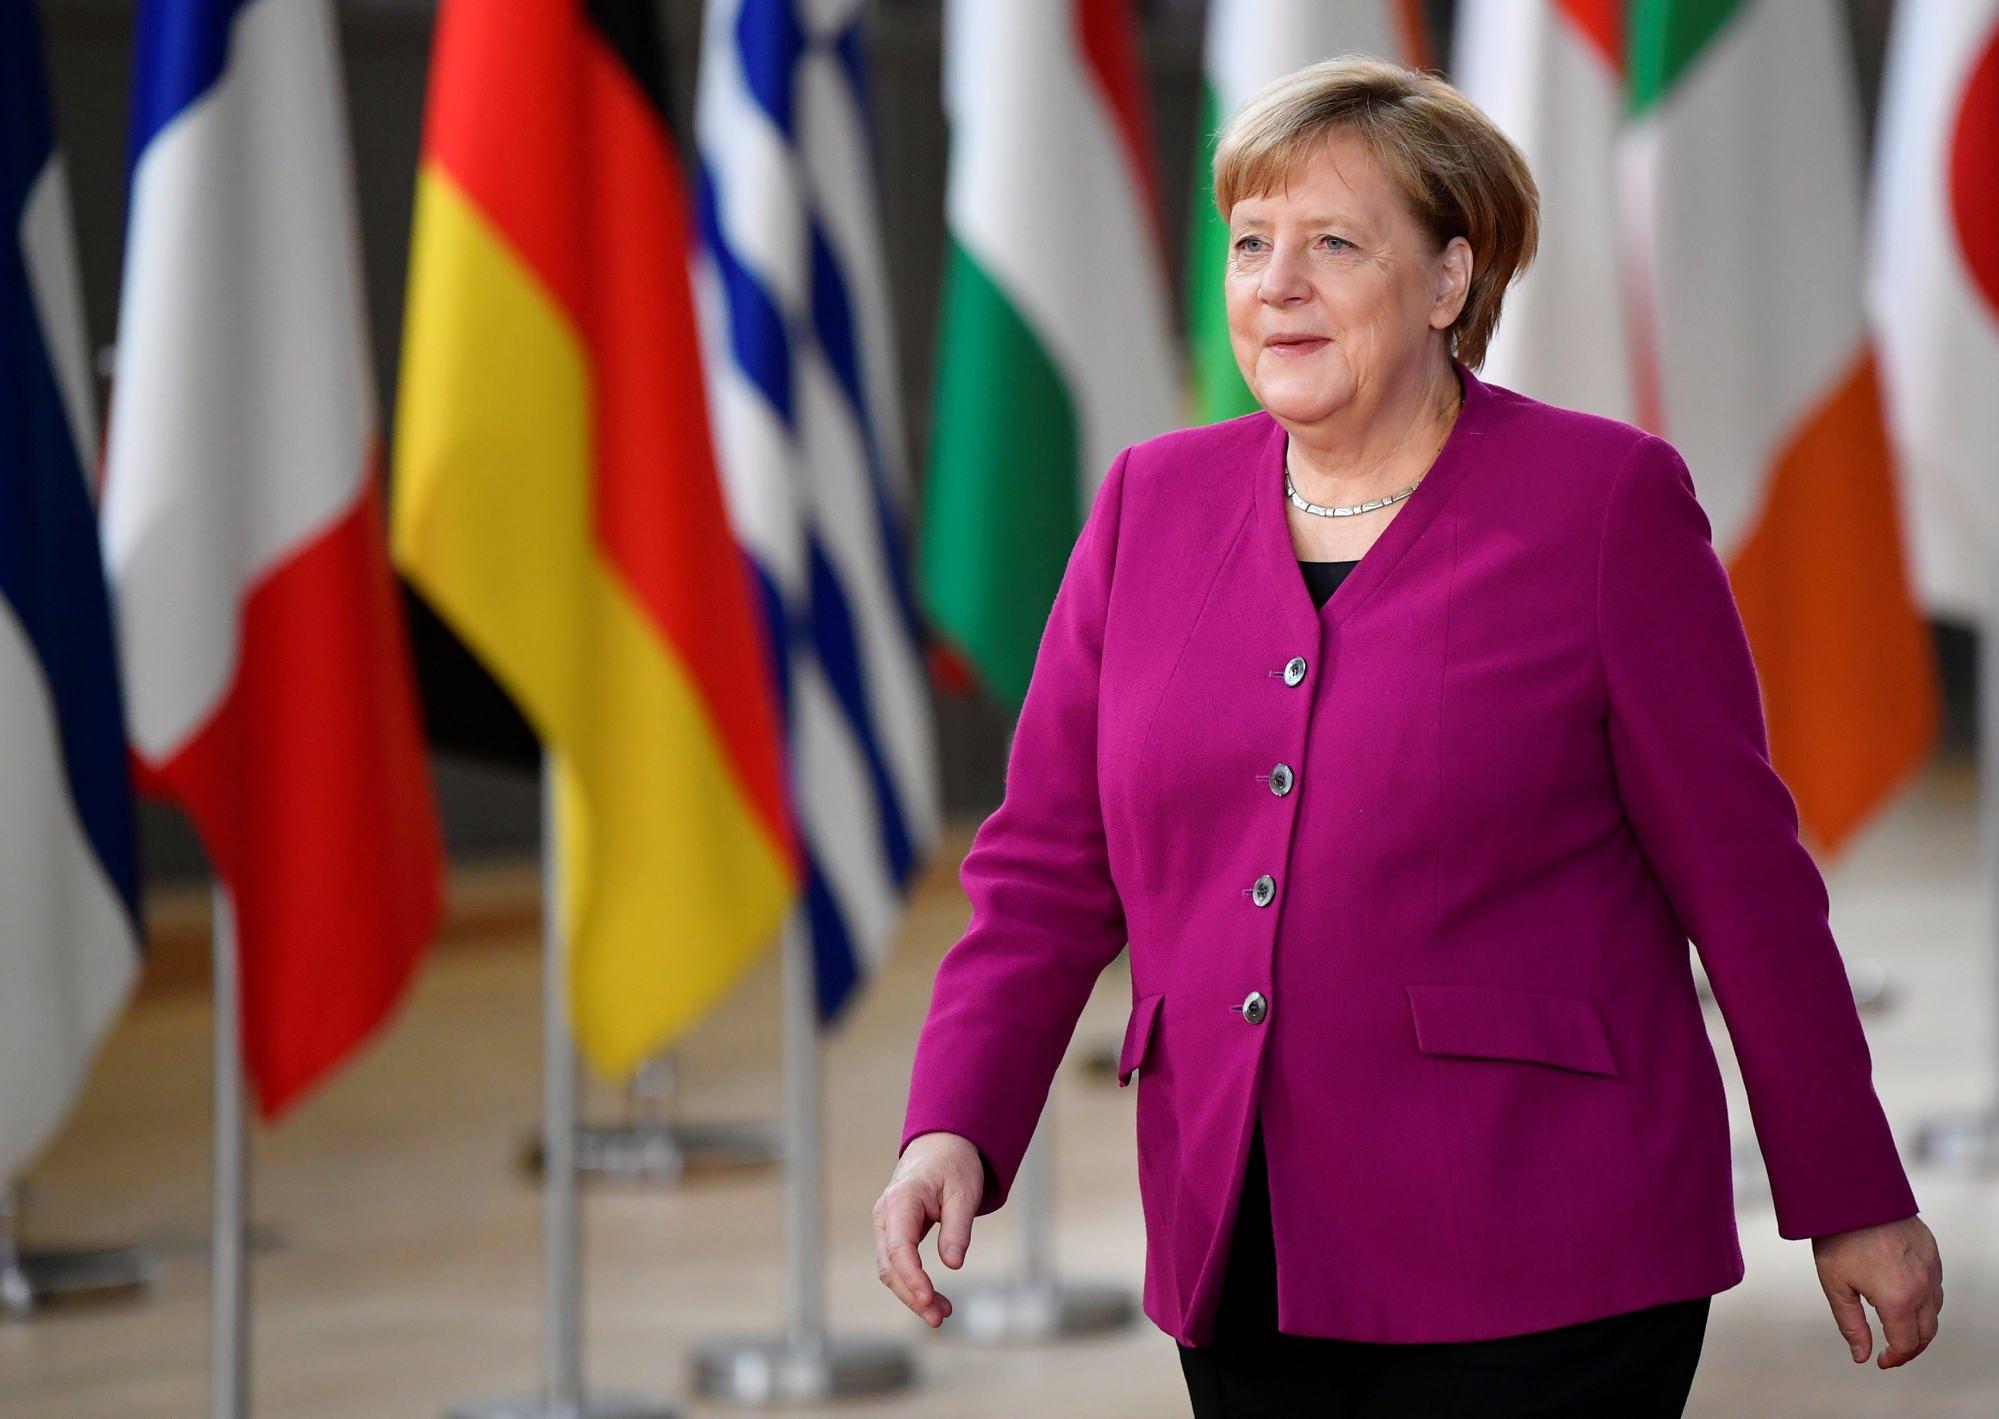 Vào tháng 10/2018, trong cuộc gặp với các nhà lãnh đạo Liên minh châu Âu tại Brussels, Bỉ, bà Merkel trông đầy quyền lực và trang trọng, mặc chiếc áo khoác một bên ngực màu aubergine kết hợp với một chiếc vòng cổ đơn giản và hầu như không trang điểm.